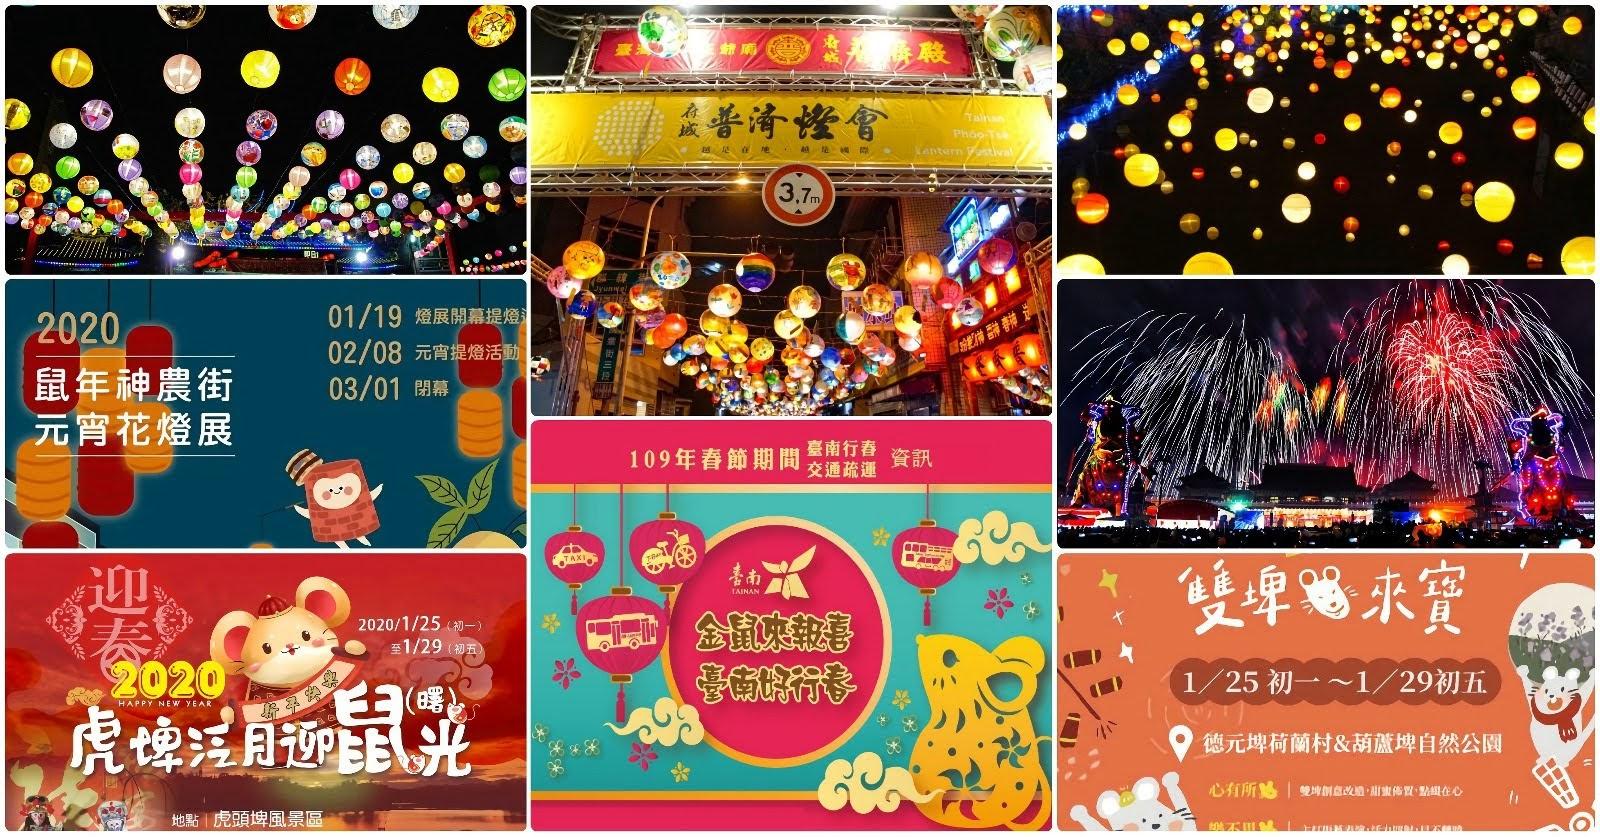 [活動] 2020 1/24-/1/29 台南週末活動整理|本週末活動數:59